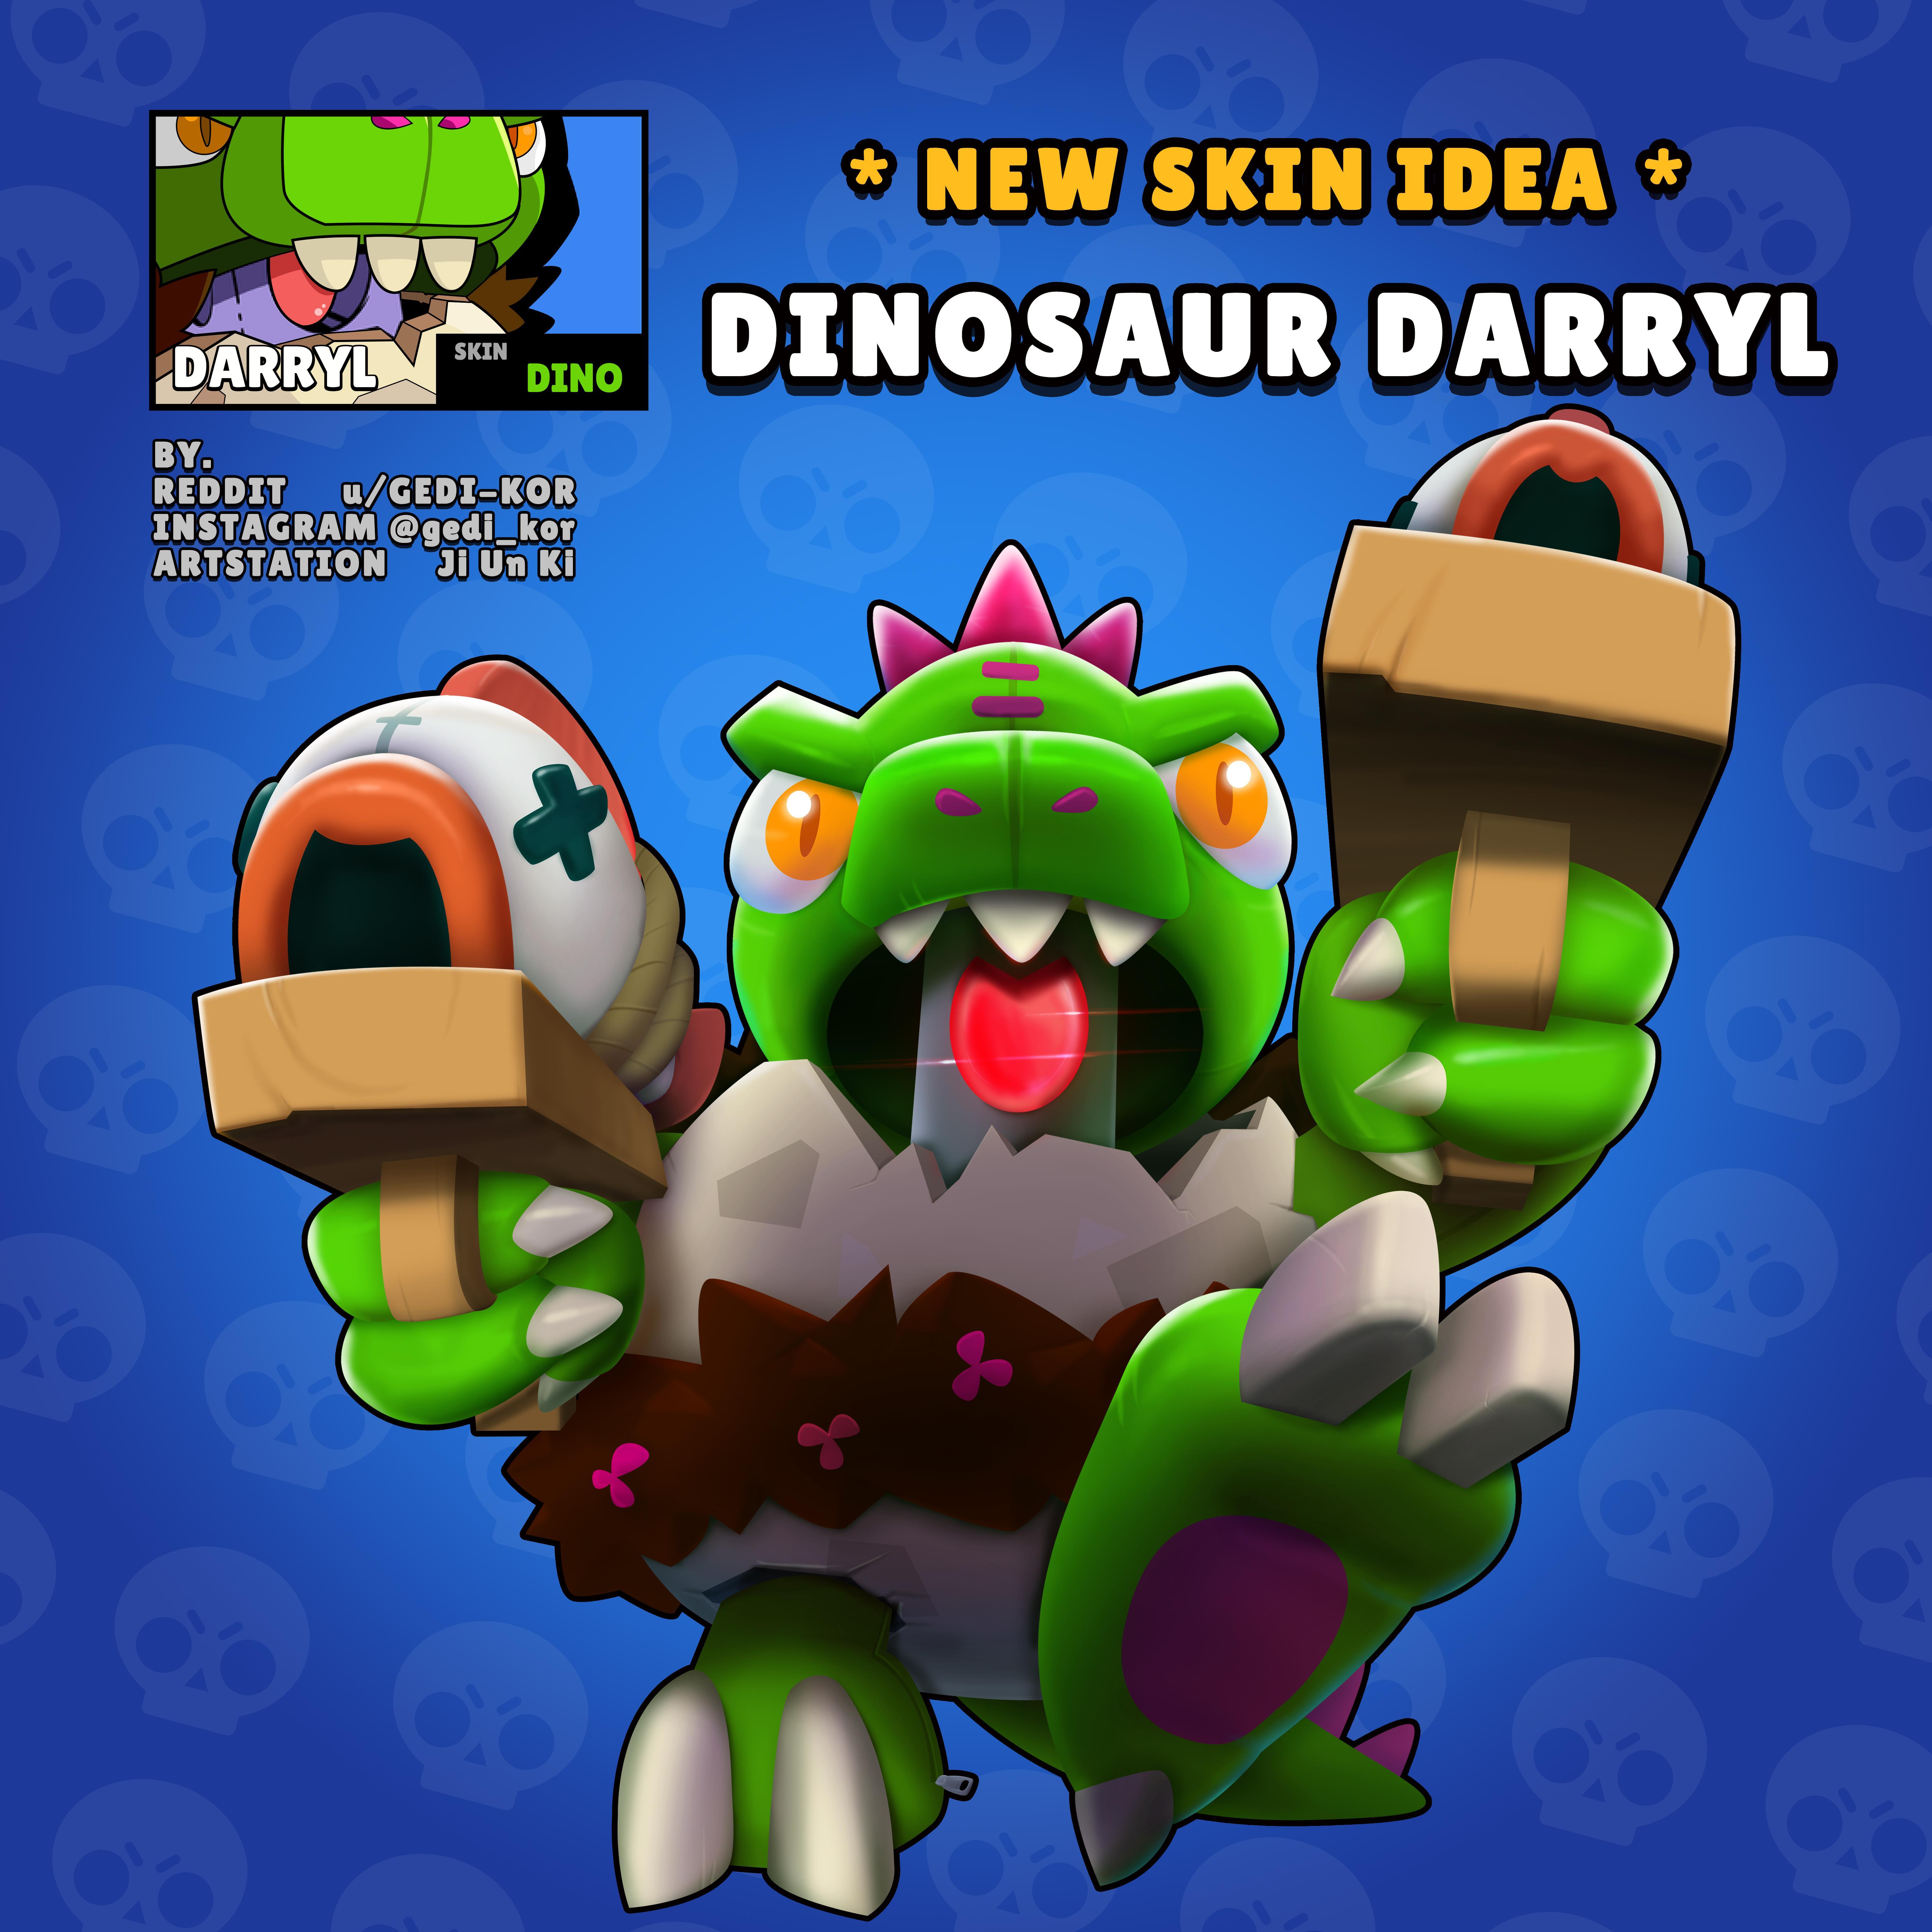 dinosaur darryl idea fandom fanart brawl stars